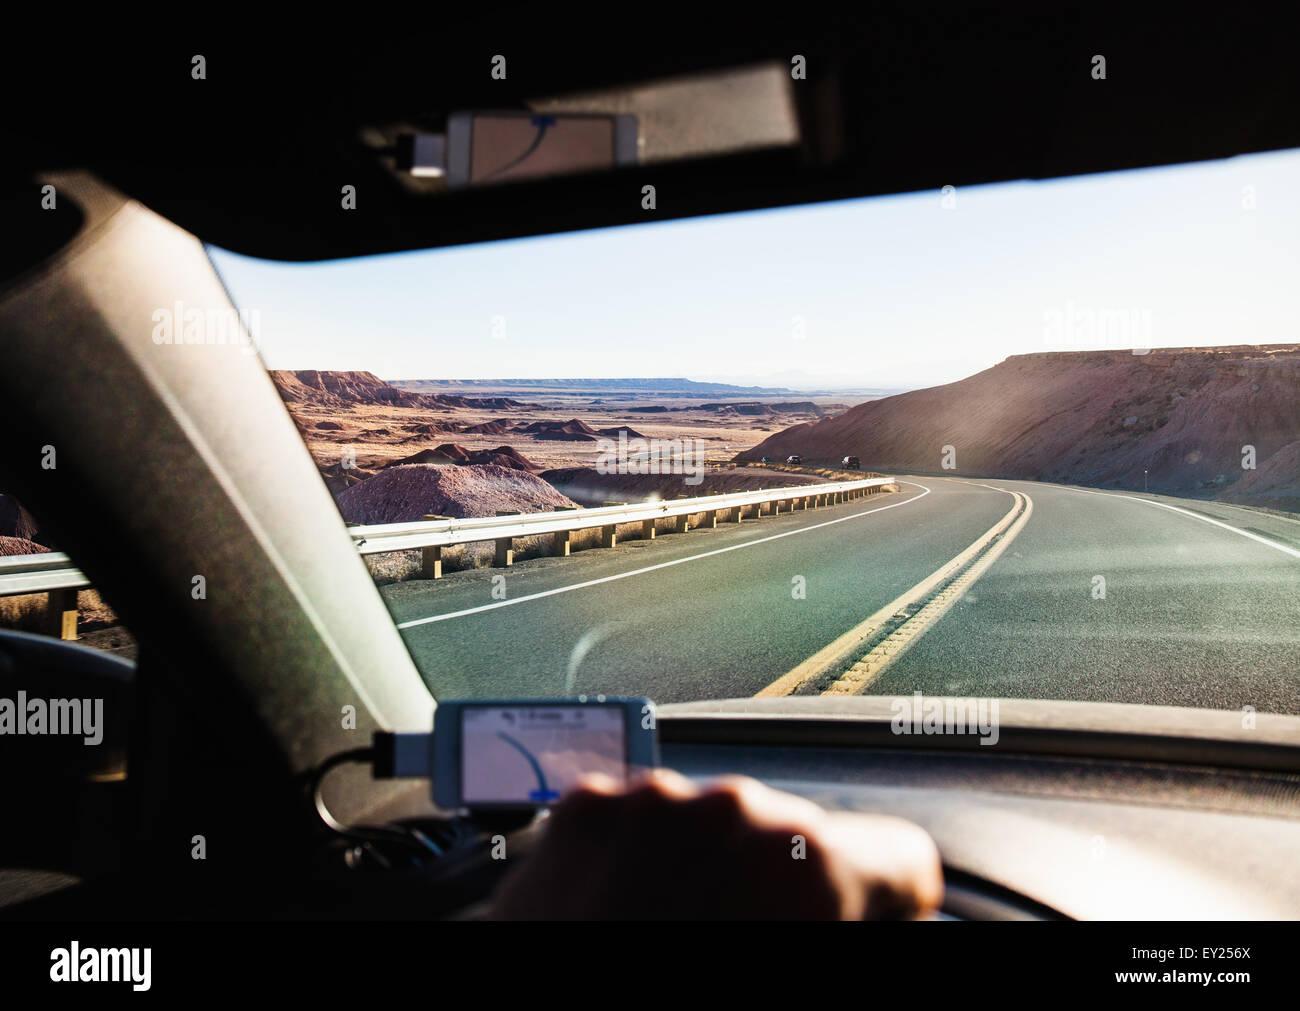 Vista dall'interno di guida auto in Monument Valley, Utah, Stati Uniti d'America Immagini Stock